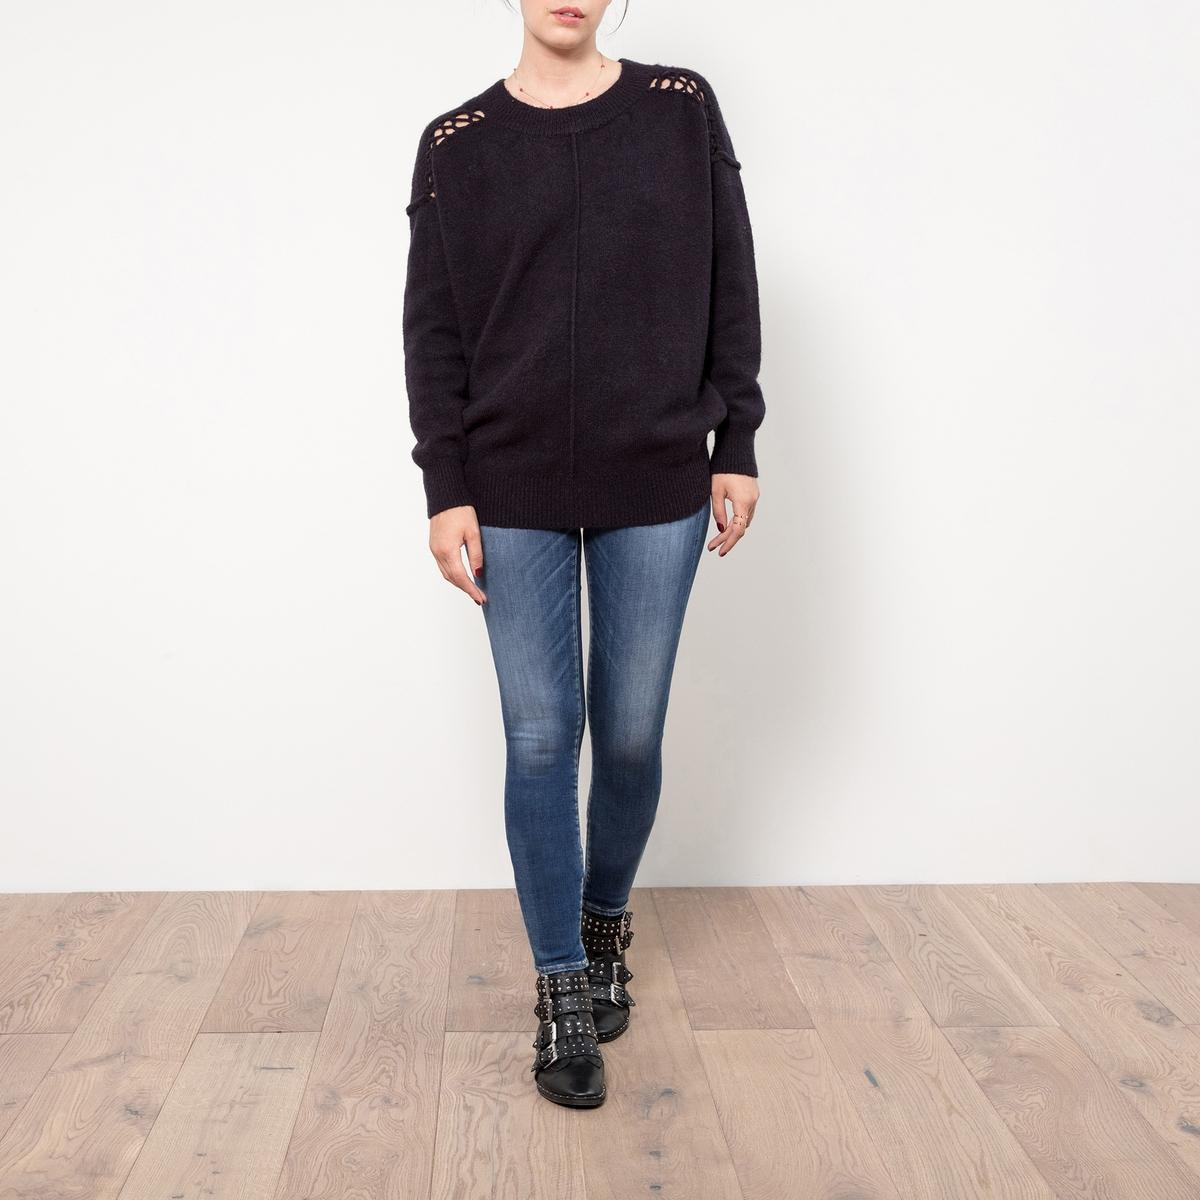 Пуловер из тонкого трикотажа с плетёными деталями